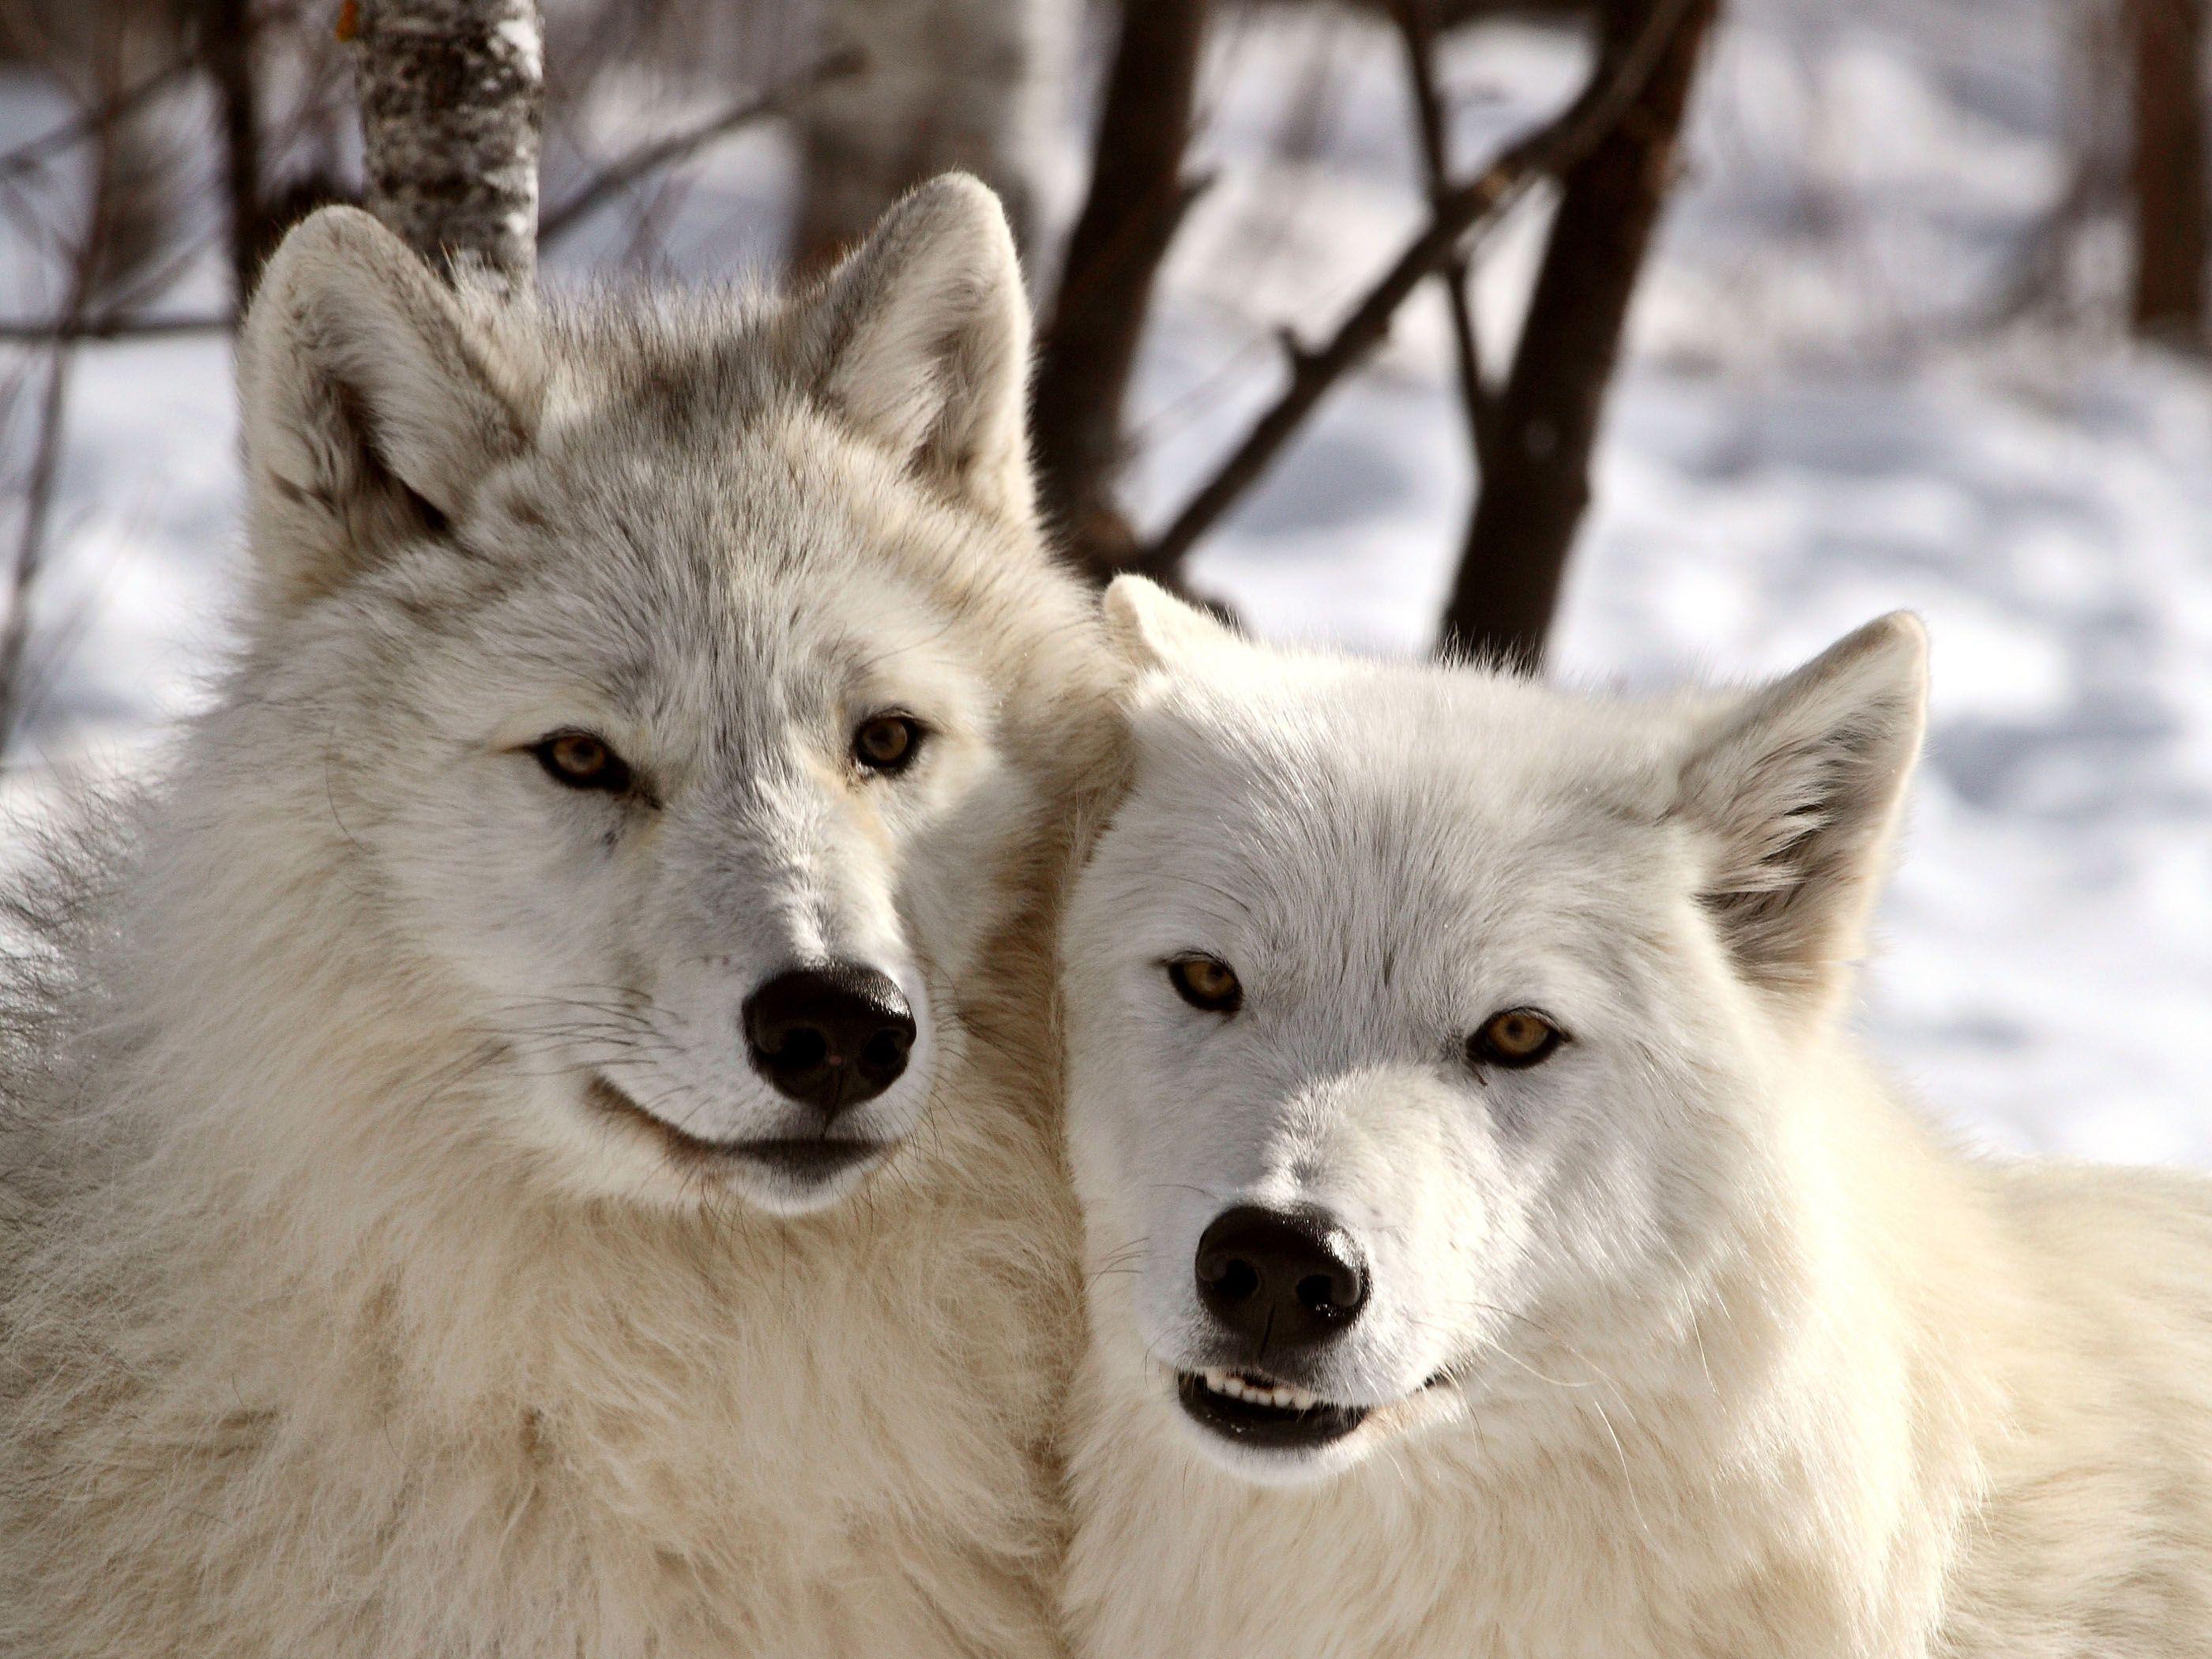 2800x2100 Hình nền chó sói Bắc Cực 11 - 2800 X 2100